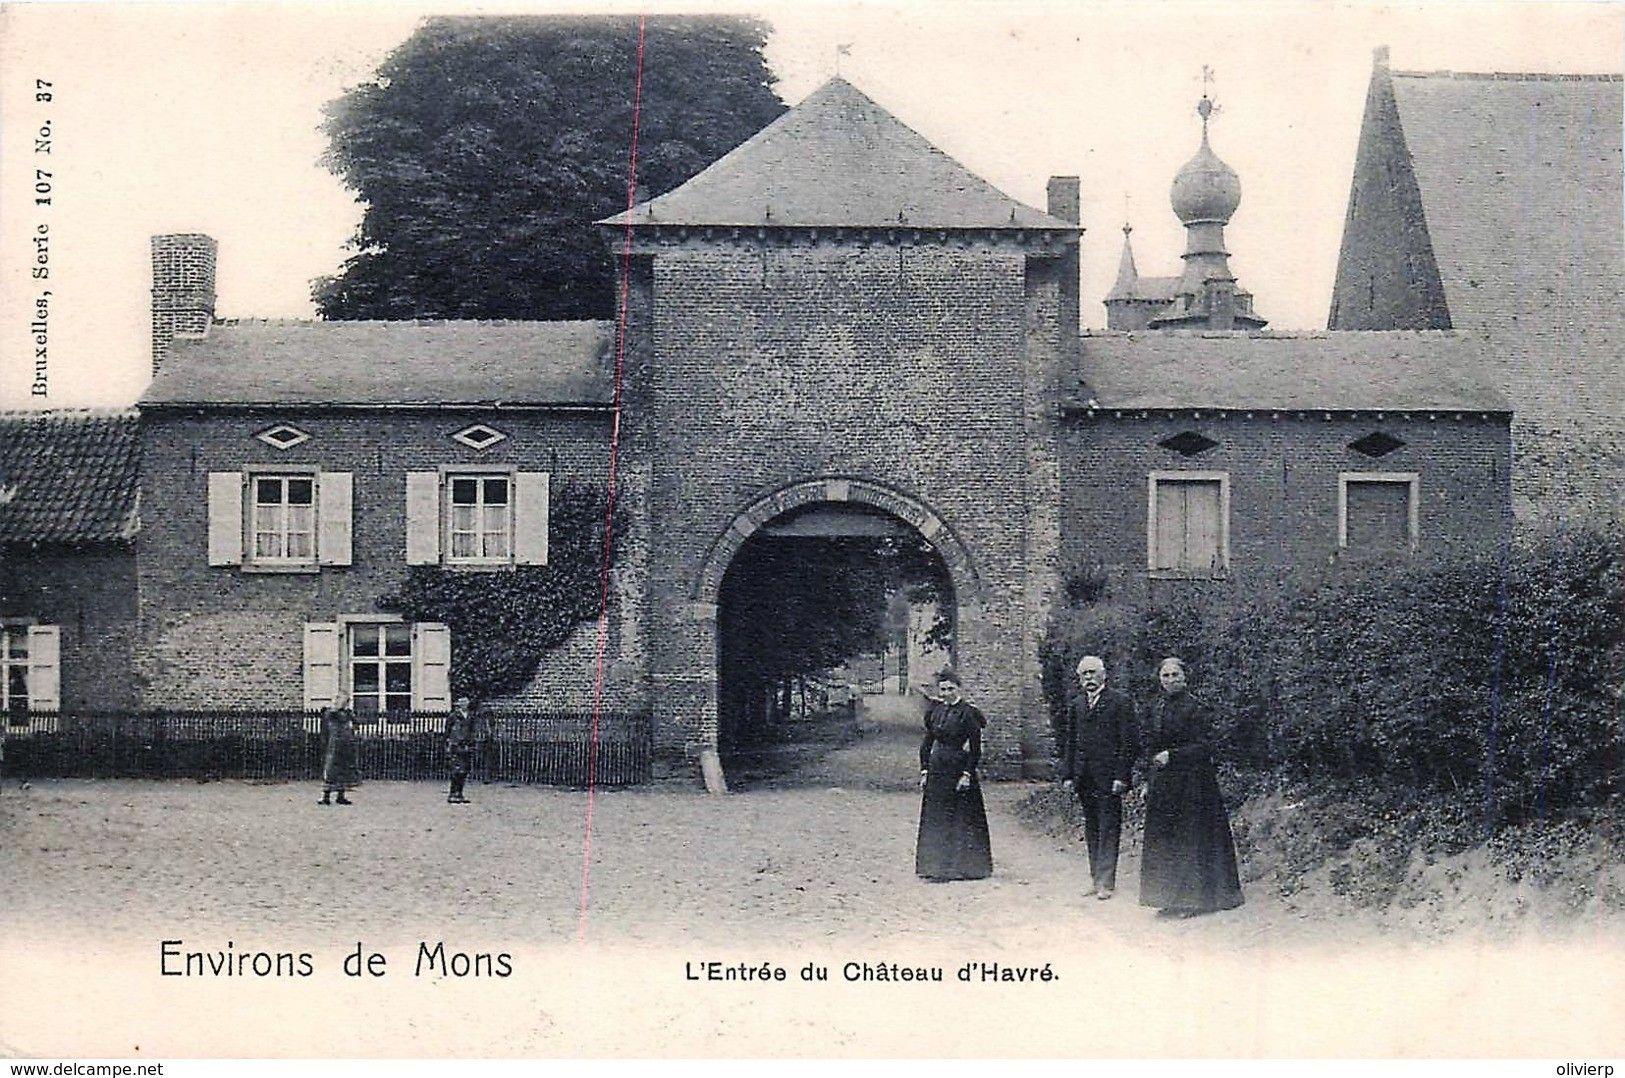 Pin van Loeildelame op Mons et ses environs autrefois in 2020